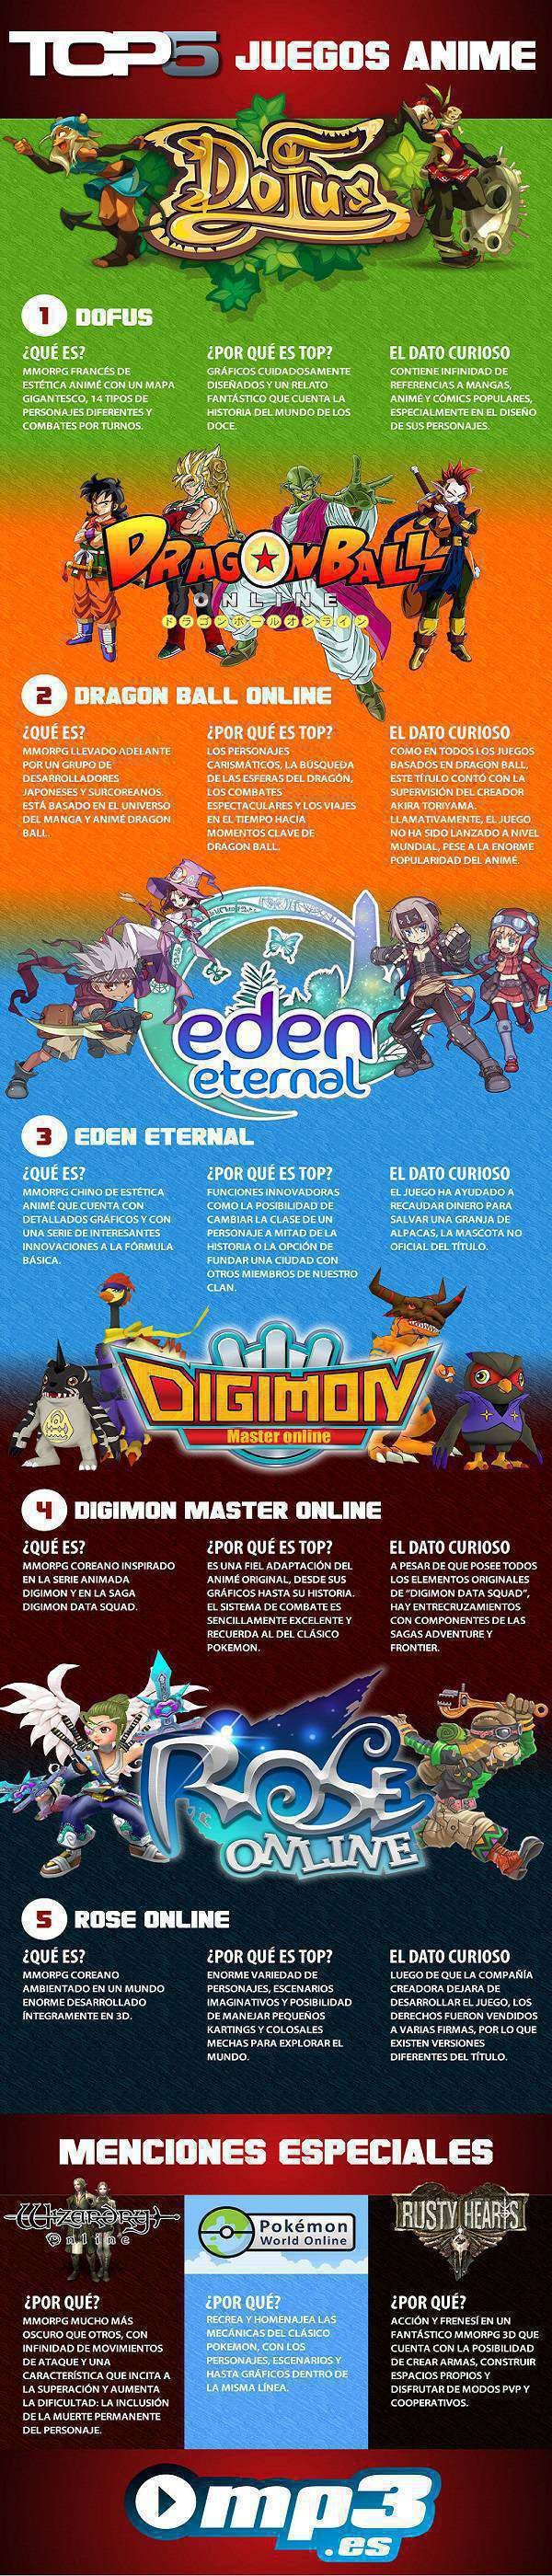 Los mejores juegos anime (top 5) 178474708585a235696ef8cdbc23ed8498ac7579